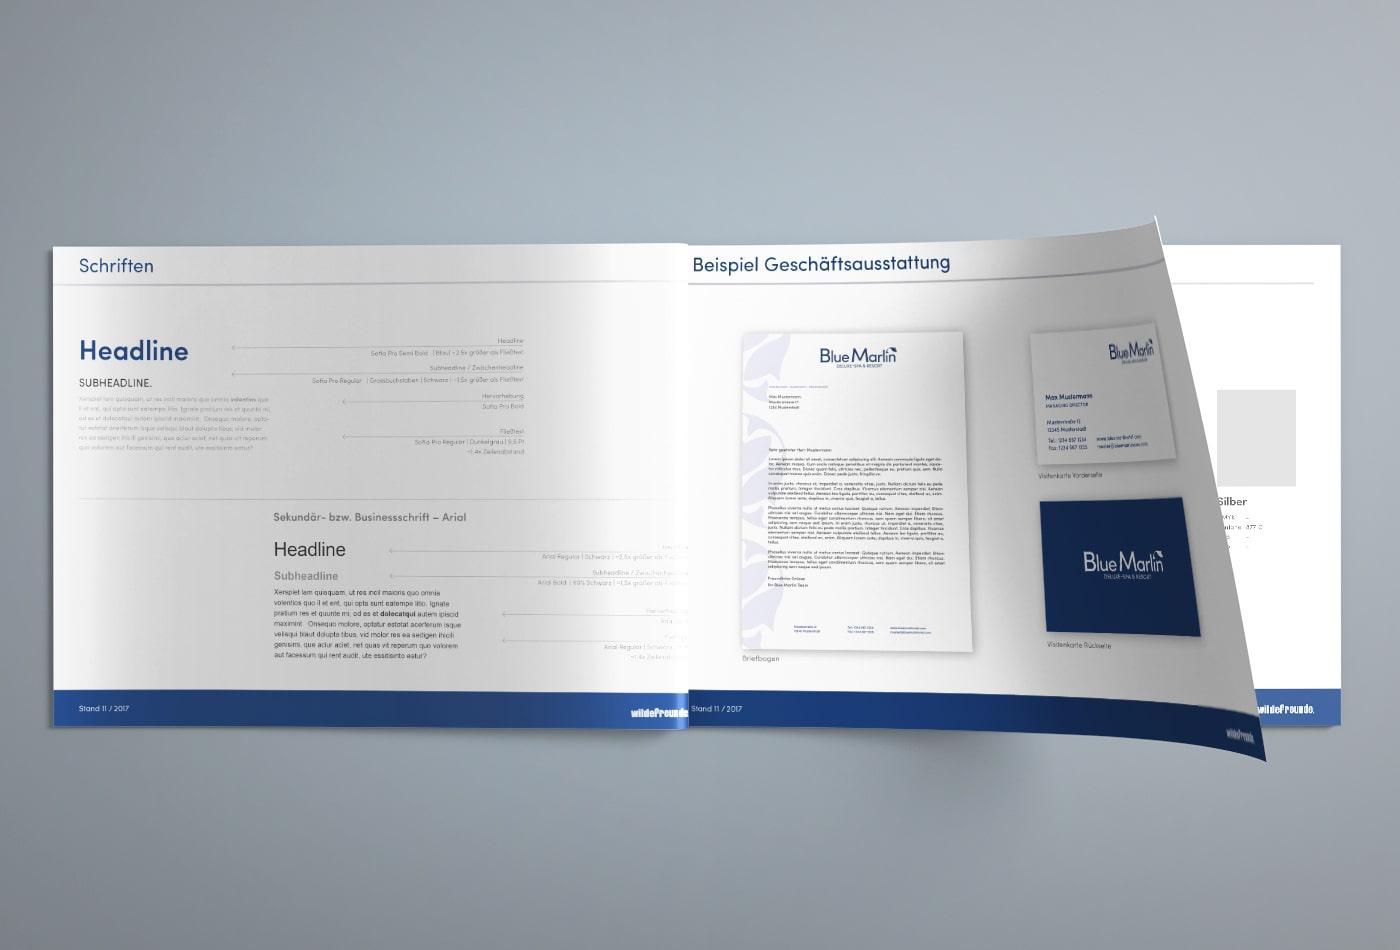 wildefreunde-kunde-bluemarlin-handbuch-1400x950-min